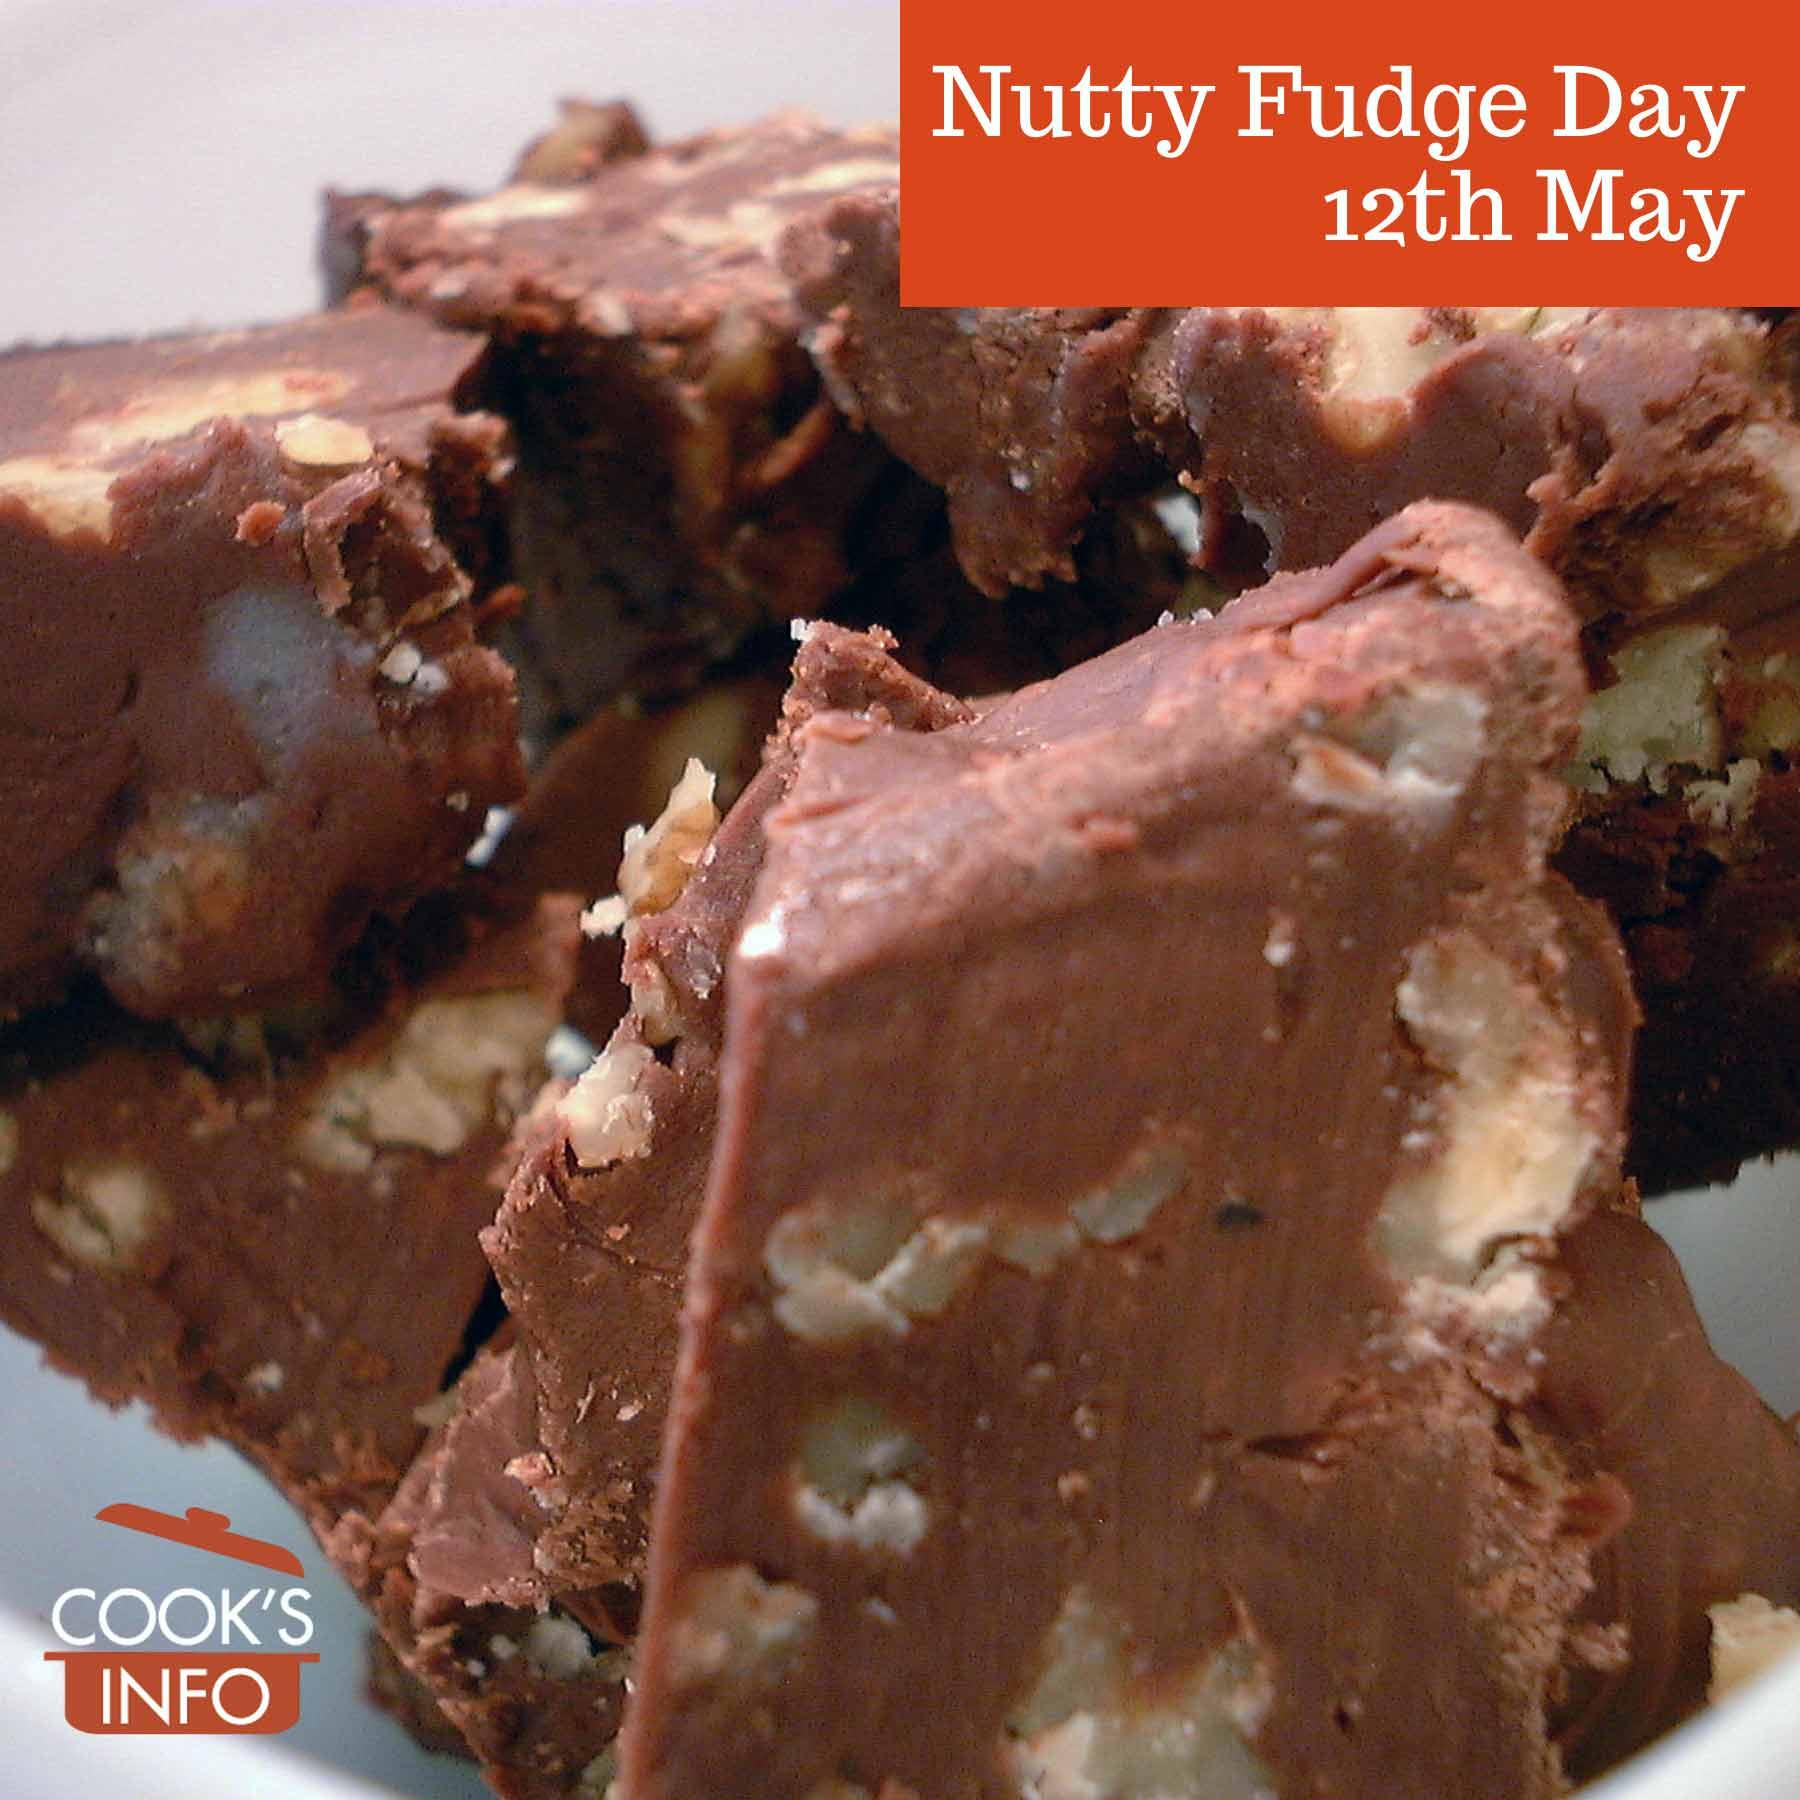 Nutty fudge